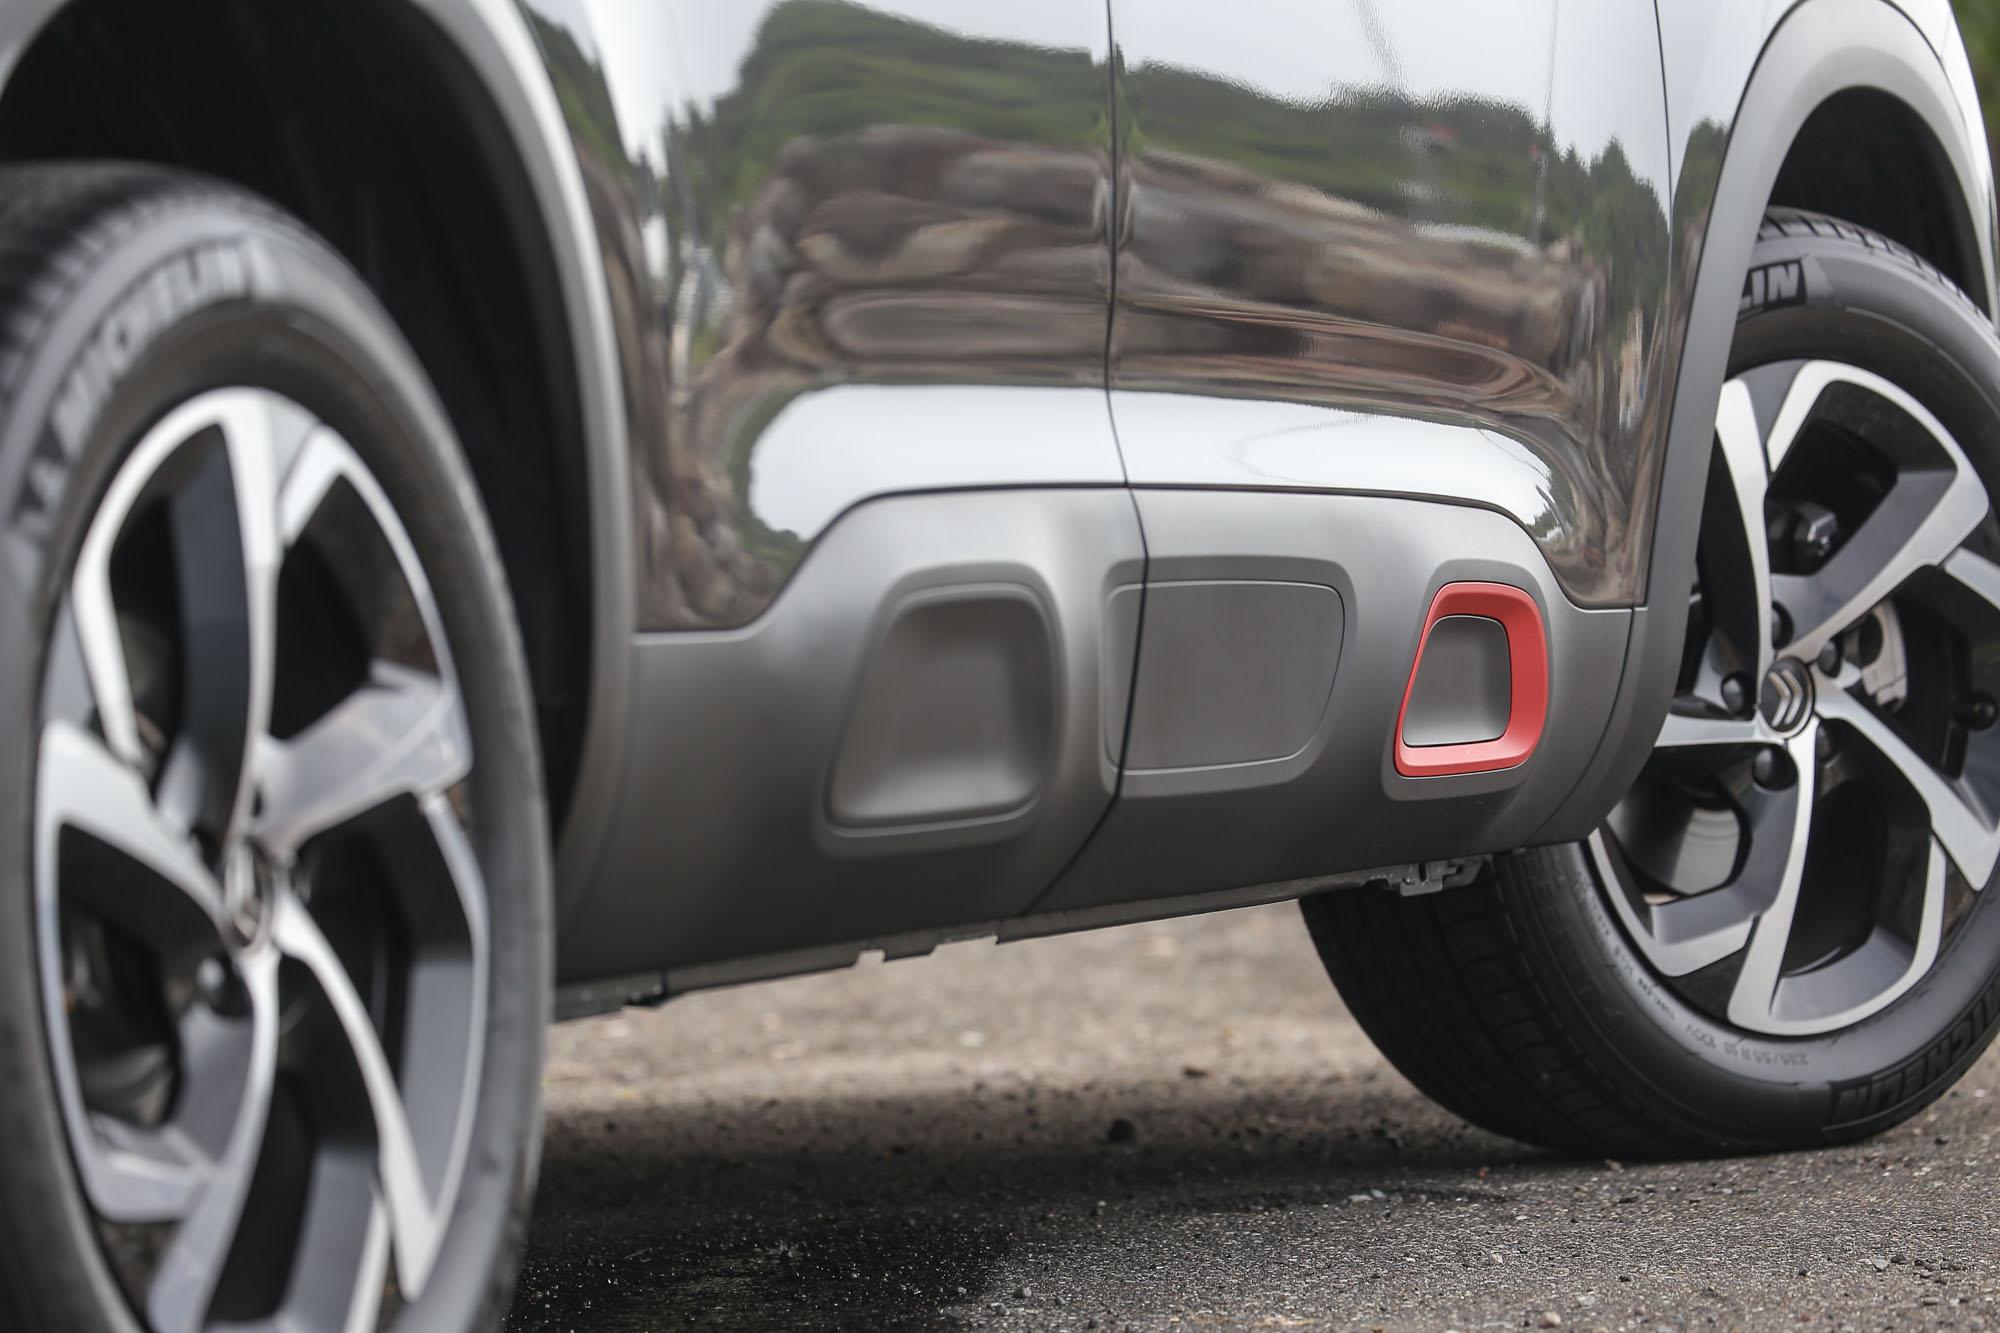 隨車處處可見的矩形元素,也可說是近年來 Citroen 於旗下休旅車的設計主軸。